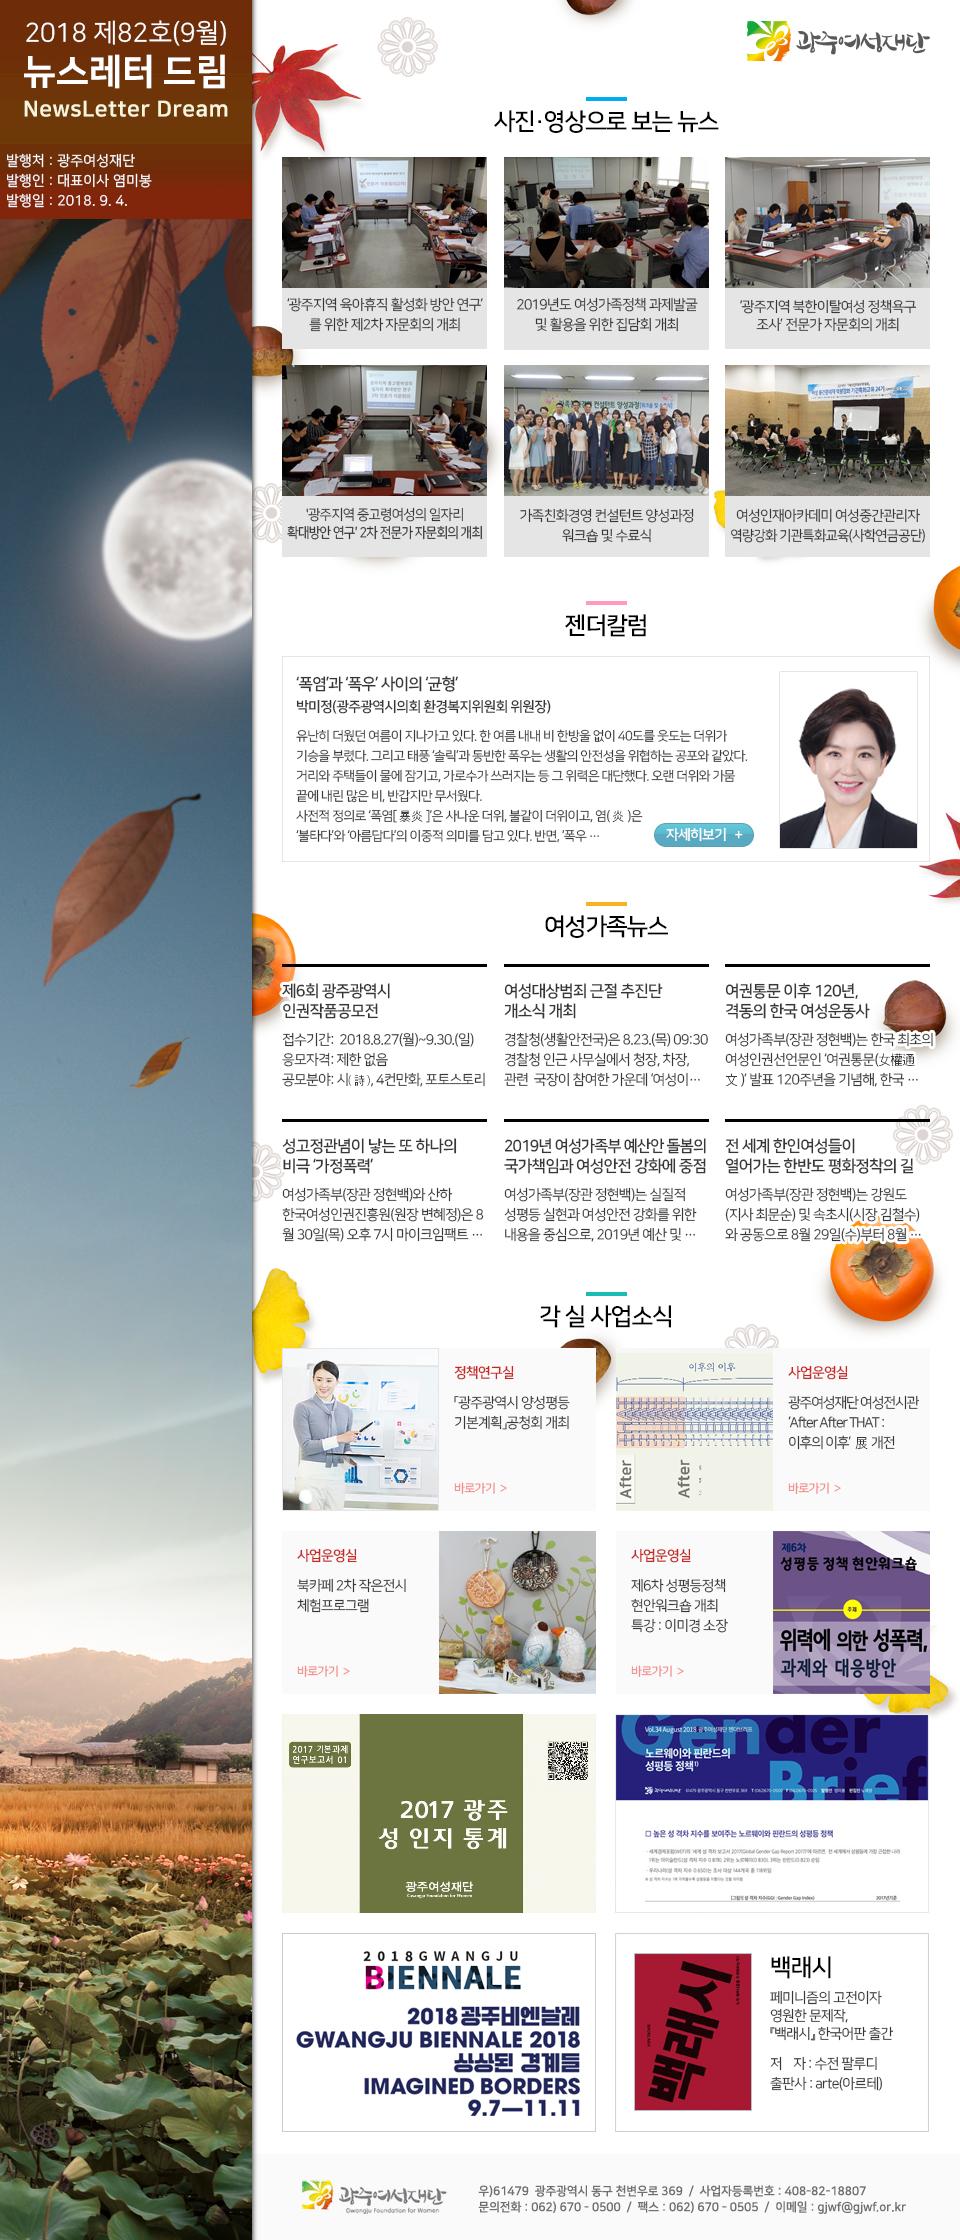 뉴스레터 드림 82호(18.09월) 썸네일